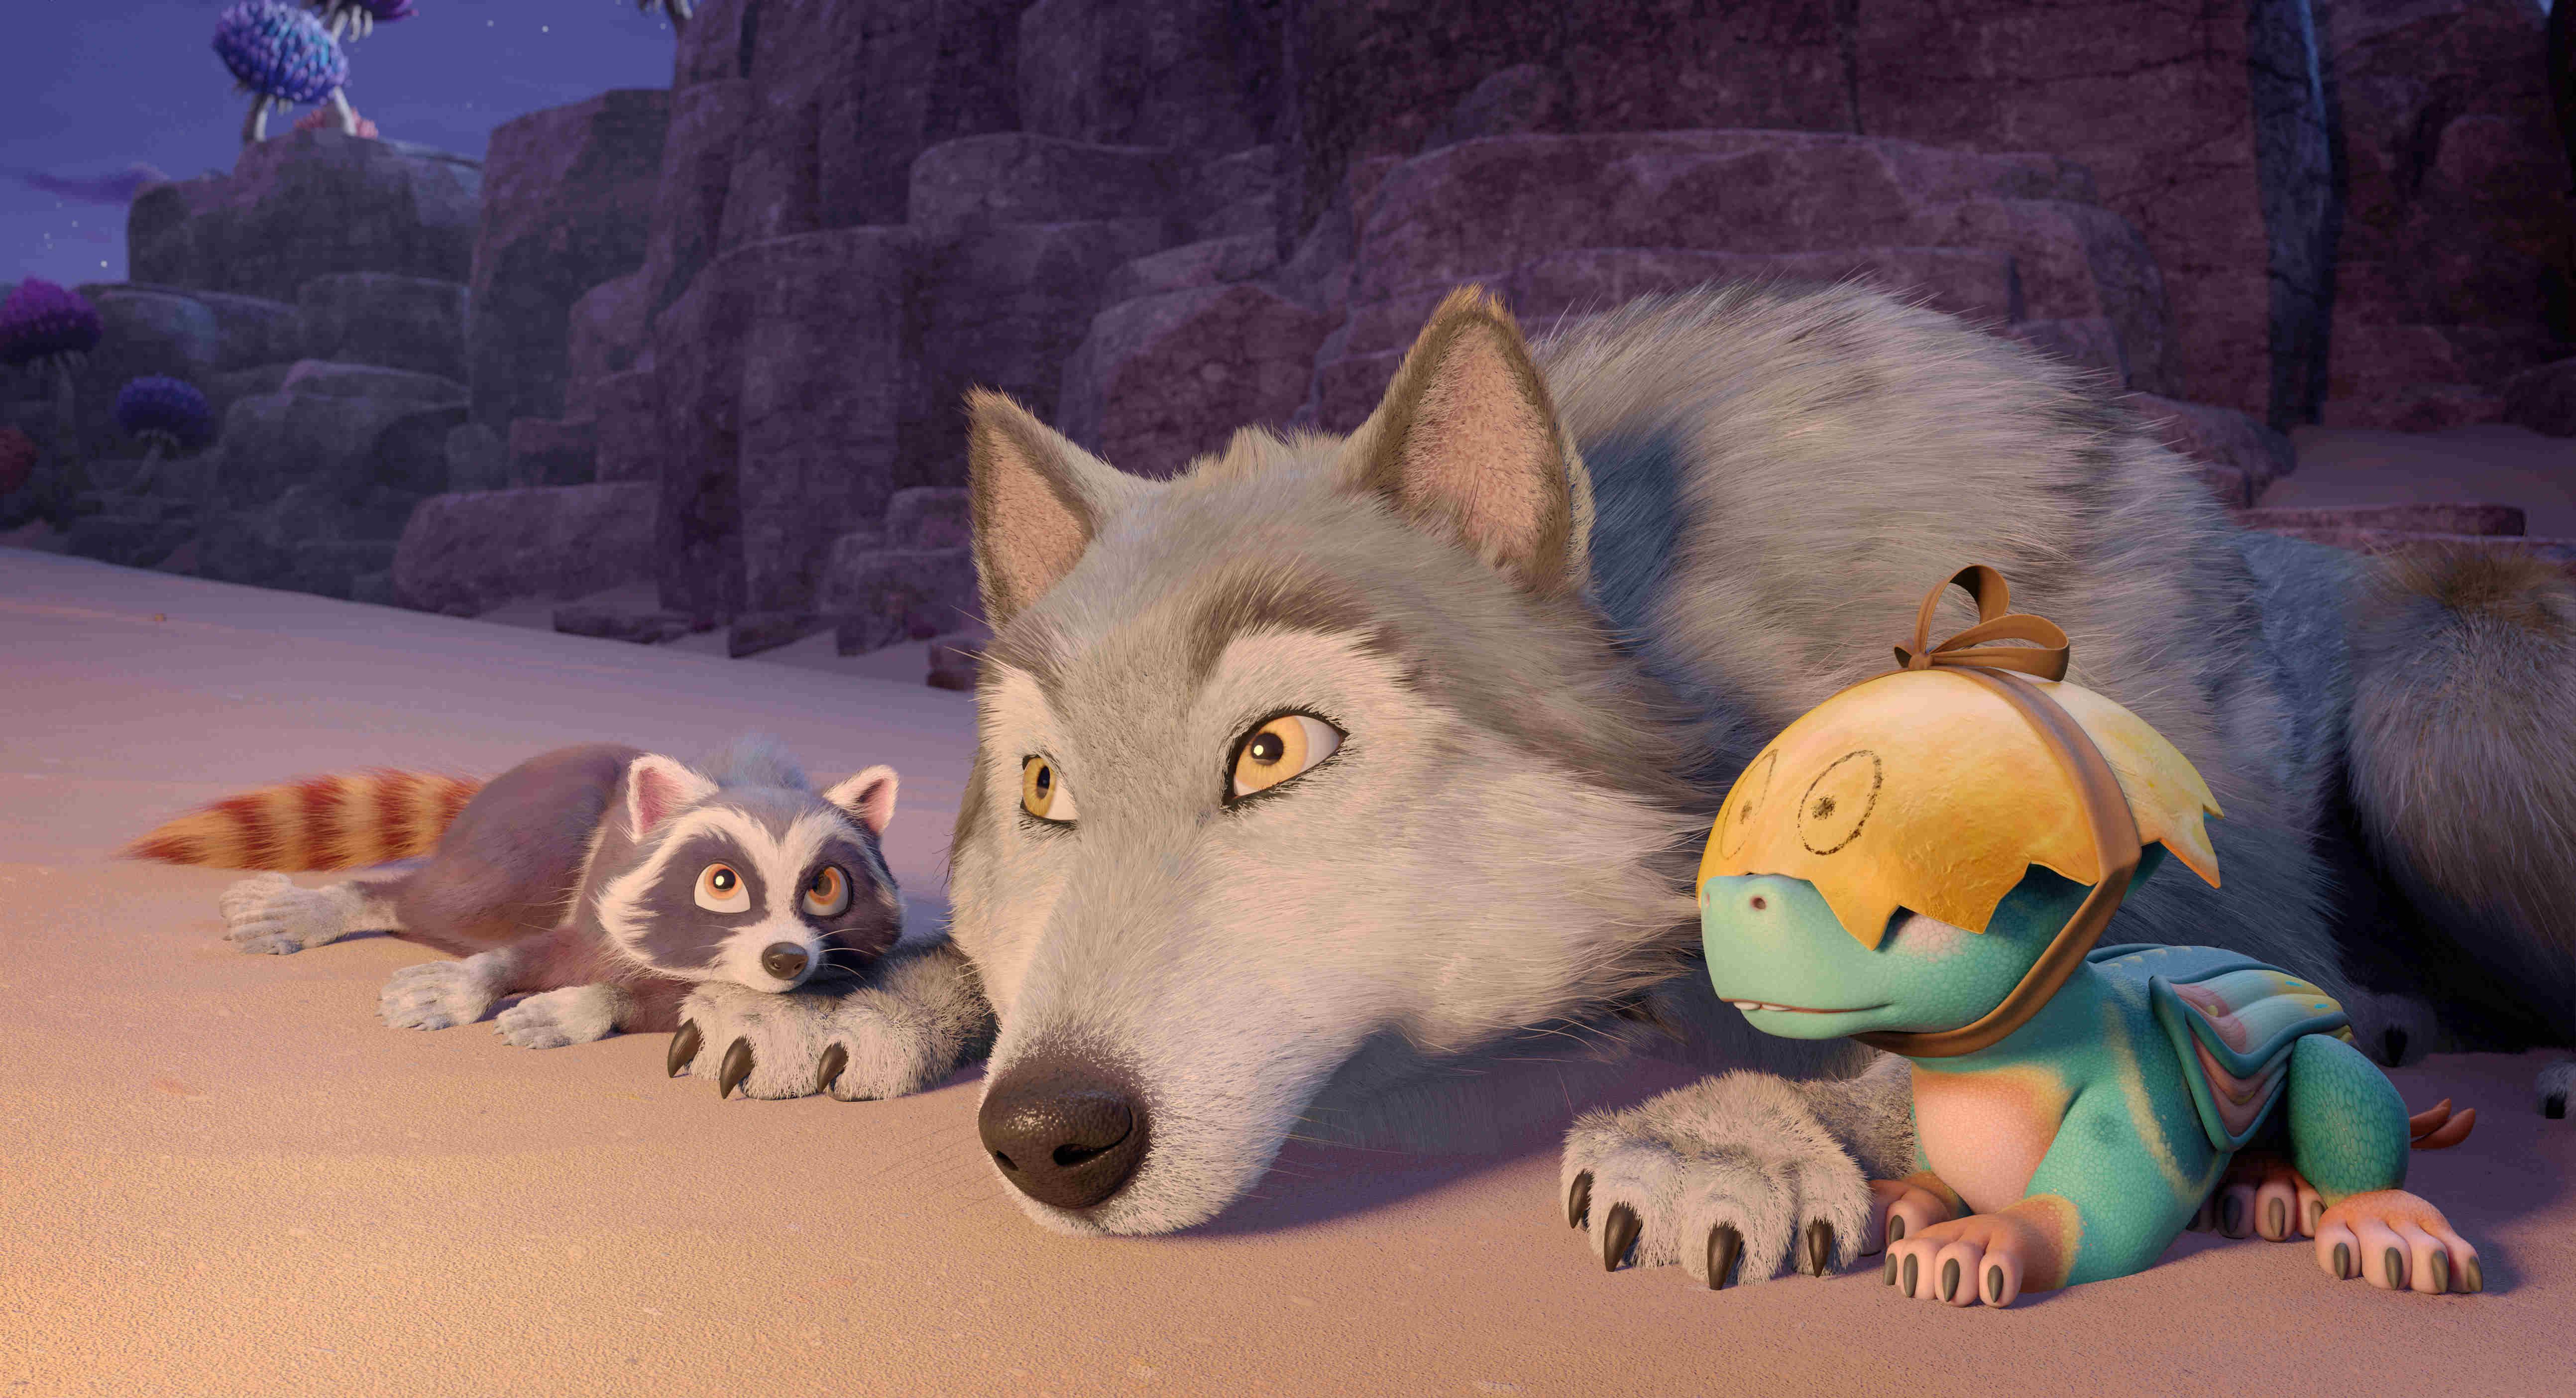 《巴亞拉魔幻冒險》最讓孩子吸睛的角色,是全片0台詞的「動物們」,得不斷吃東西獲取能量的「浣熊比歐」,最是拔得頭籌。而包括善良勇猛的巨狼「萊克斯」、可愛逗人的龍寶寶「努古爾」,也都有小粉絲各擁其主